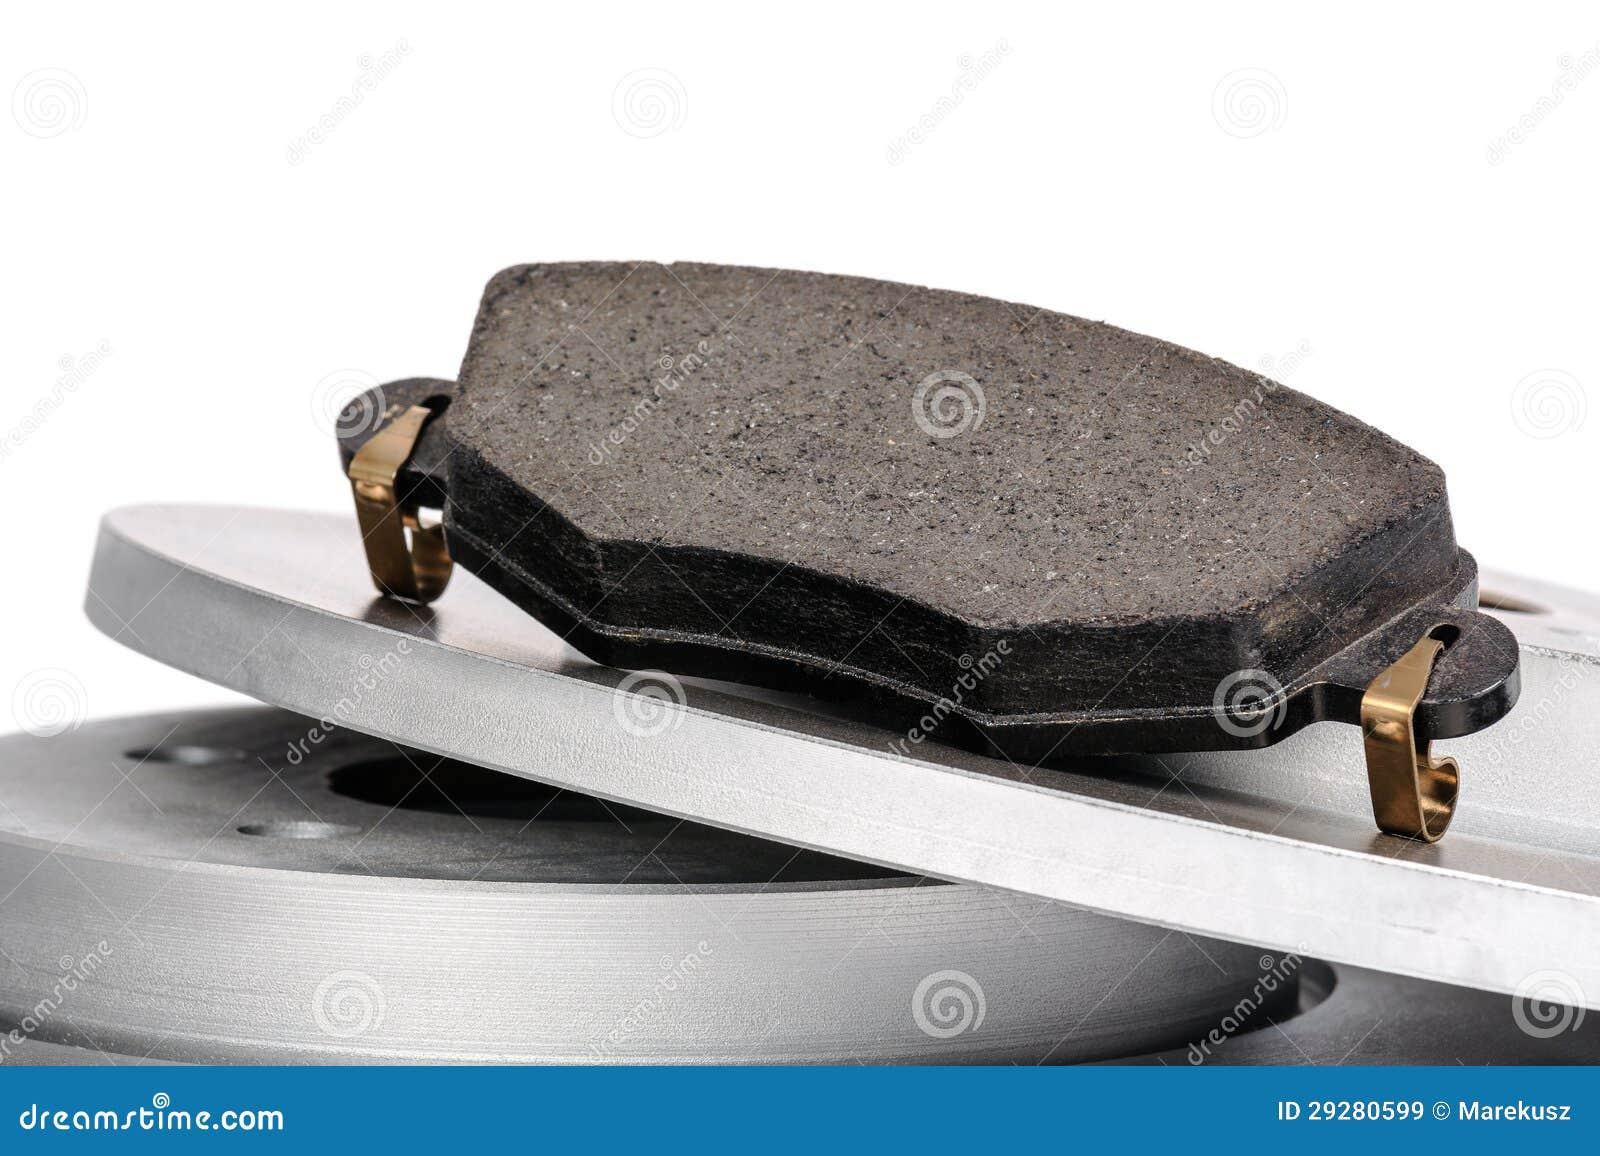 Download Brake pad and brake discs stock image. Image of free - 29280599